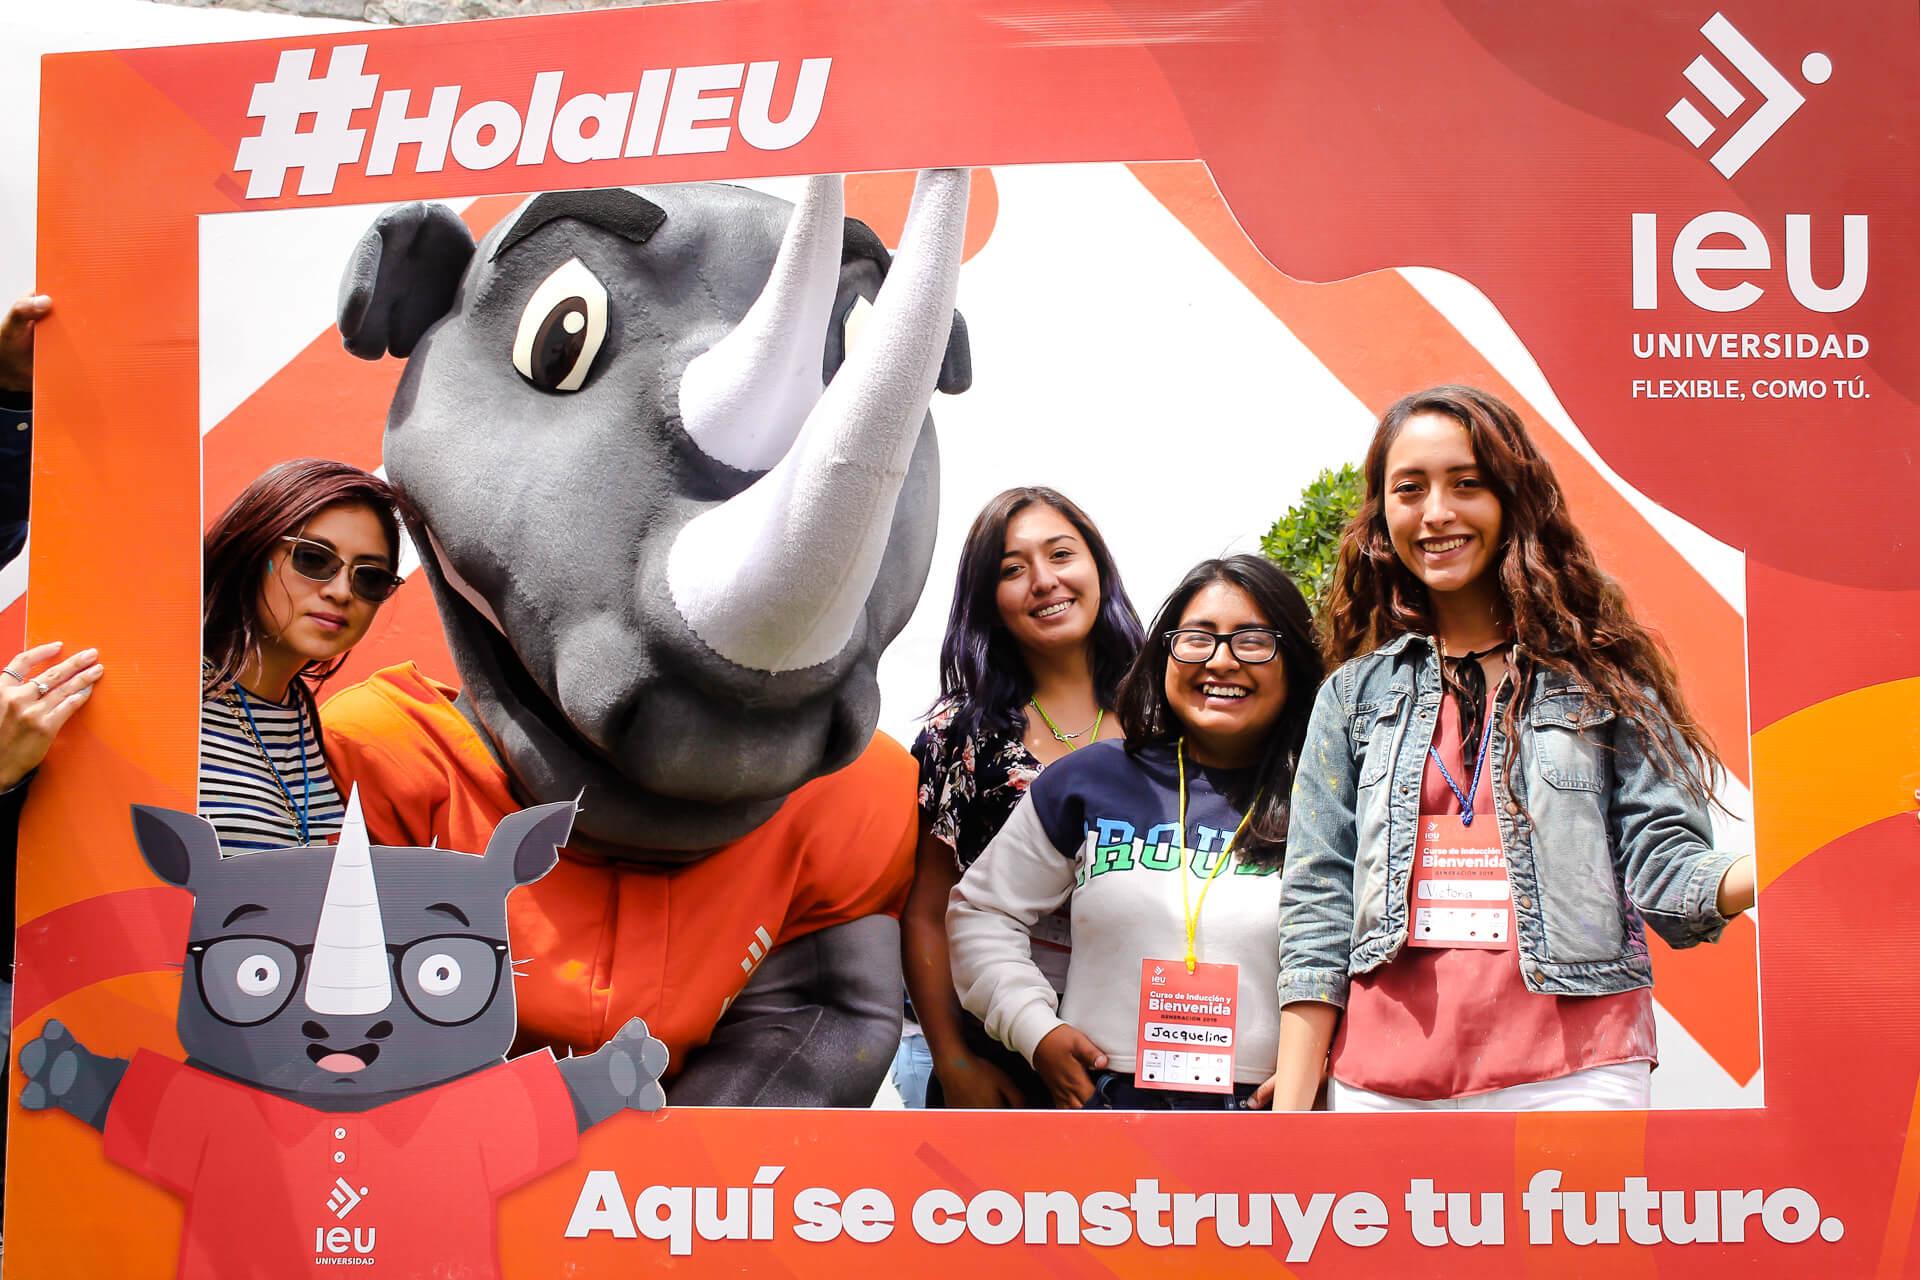 Universidad Ieu Da La Bienvenida A Más De 1200 Alumnos De Licenciaturas 14